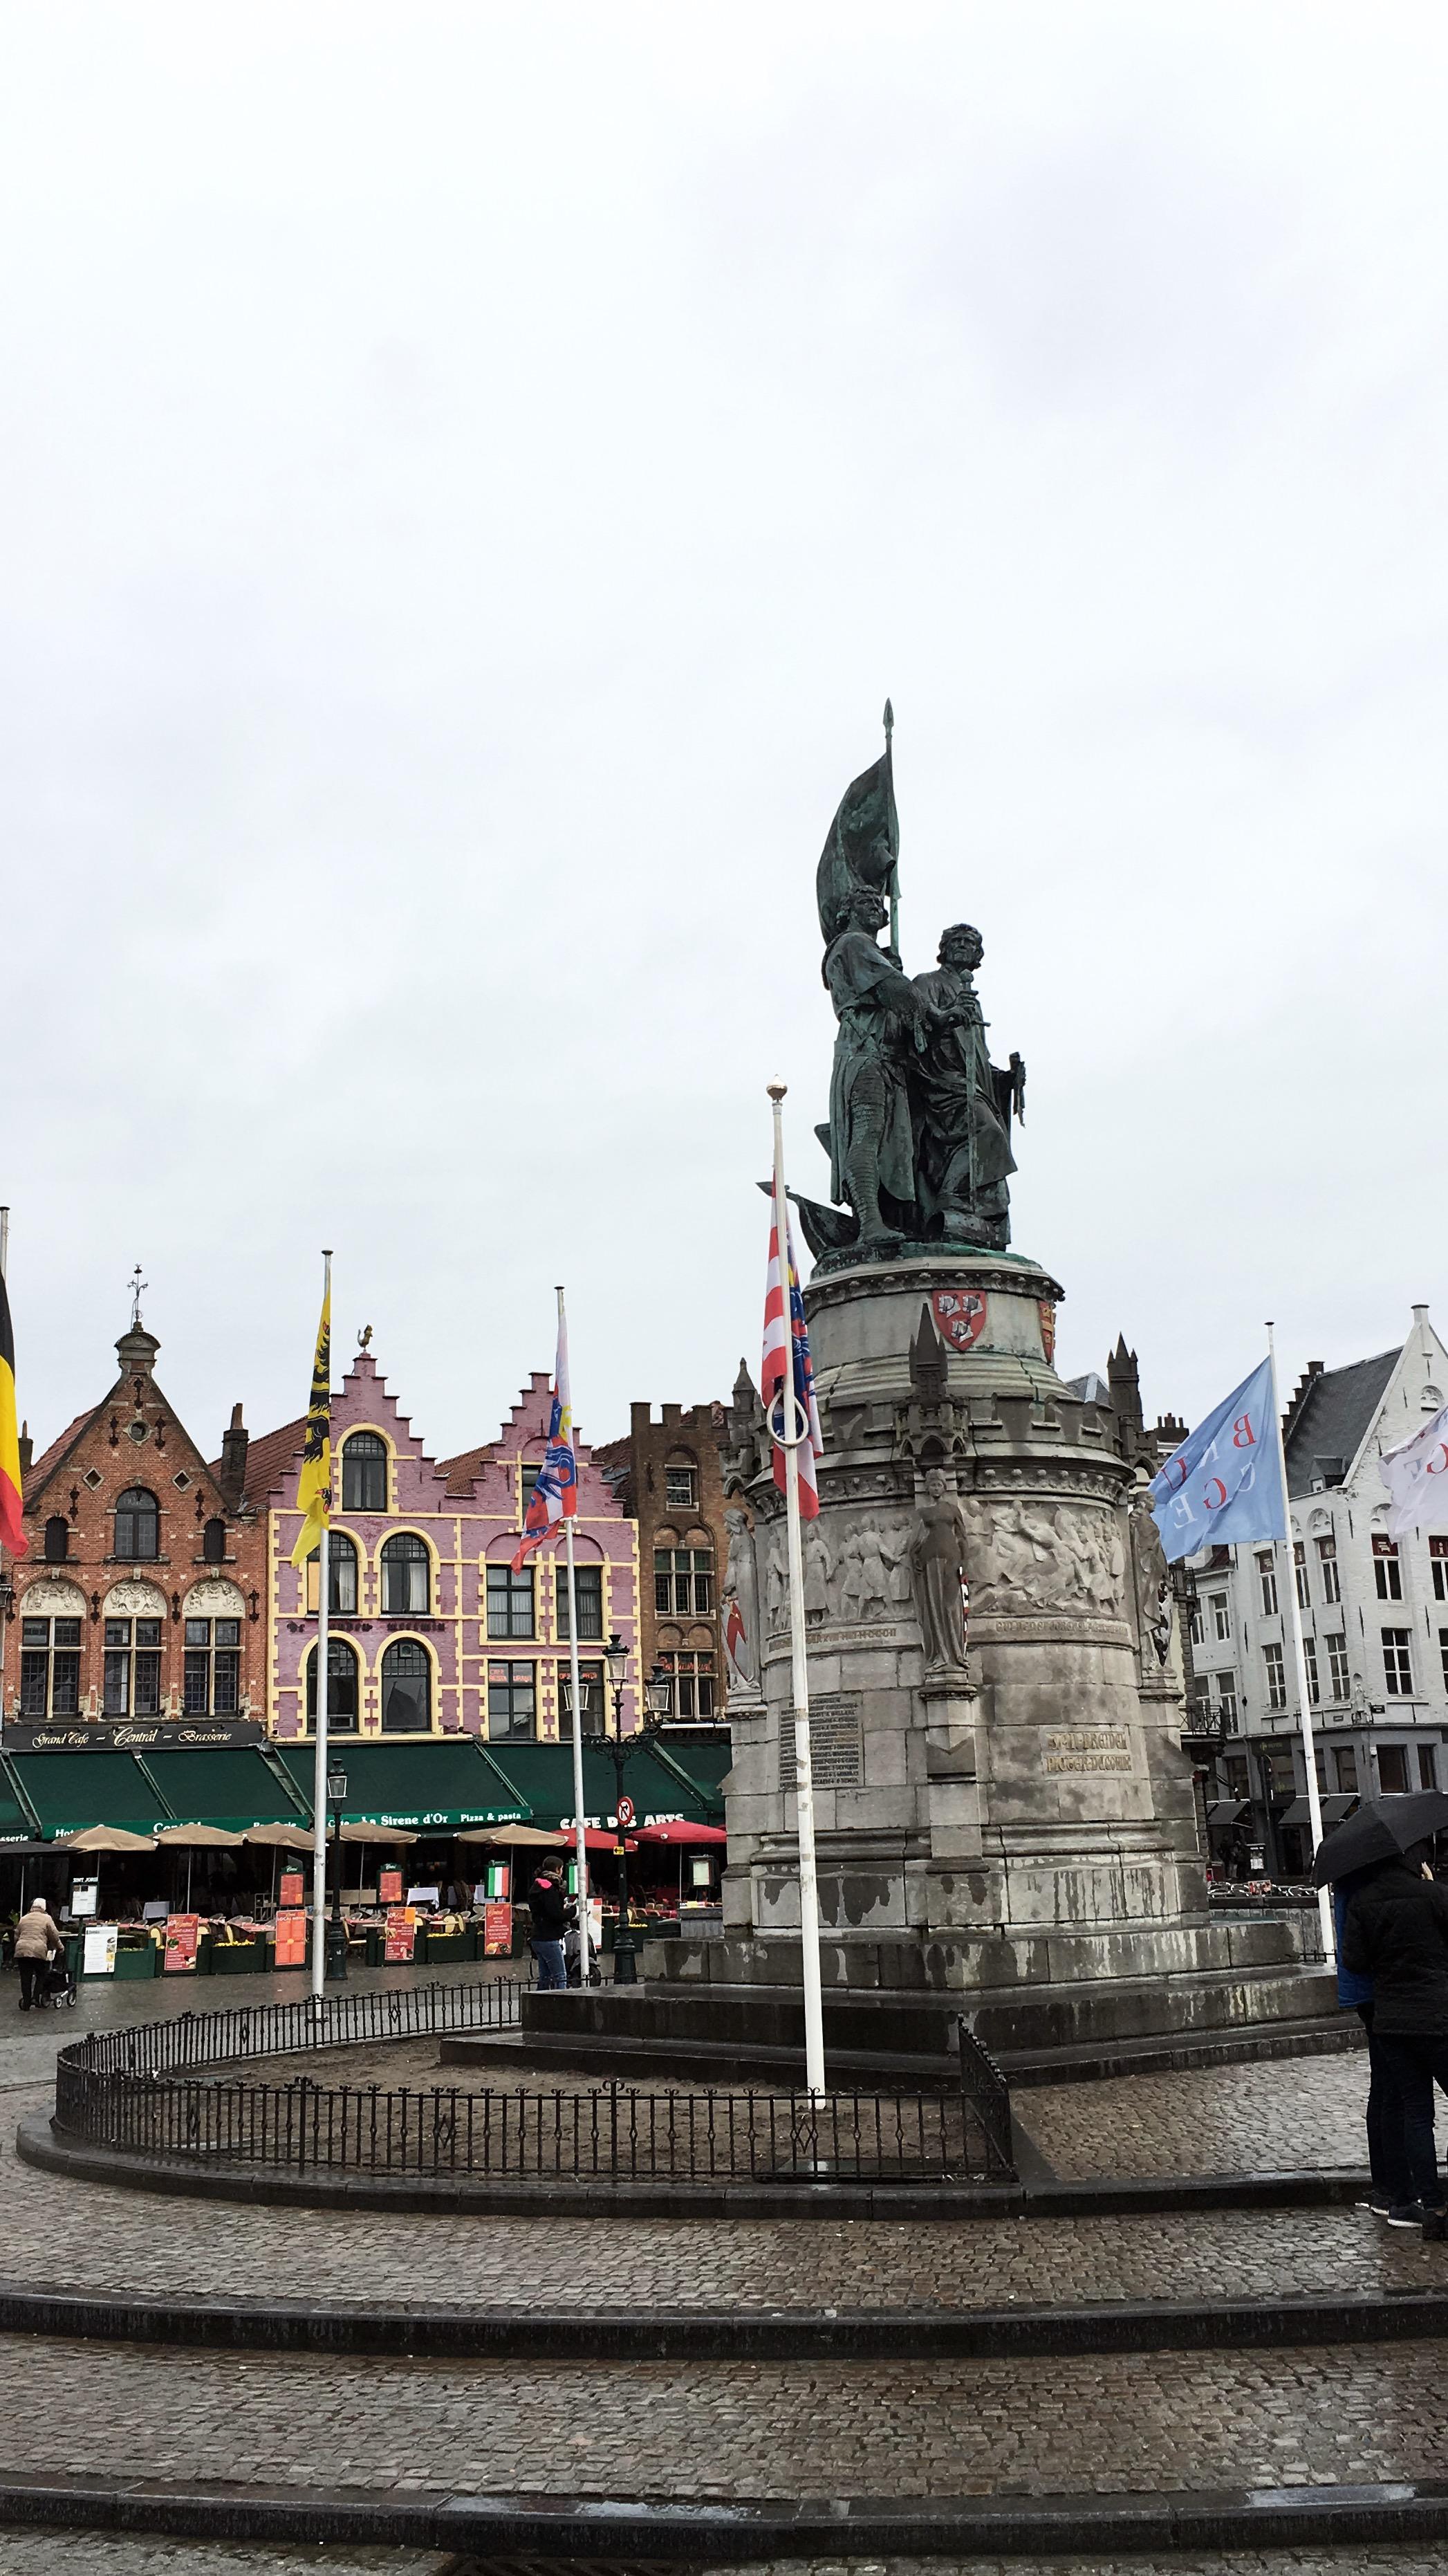 Market Square in Bruges, Belgium.